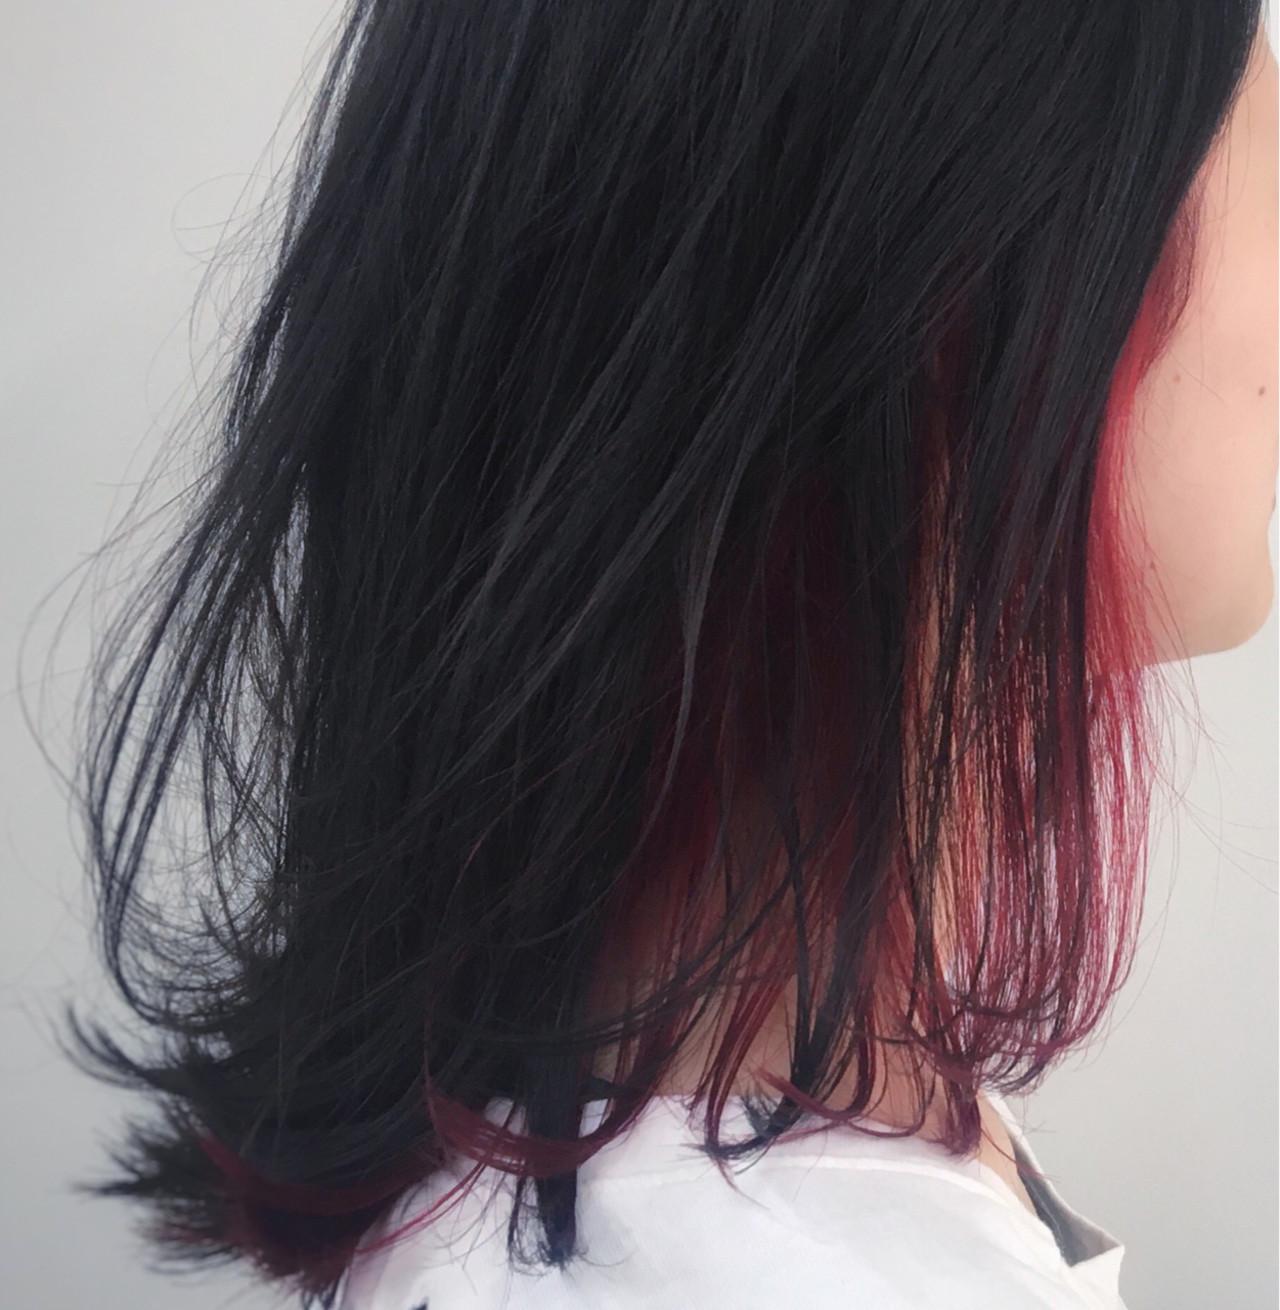 インナーカラー ミディアム レッド ストリート ヘアスタイルや髪型の写真・画像